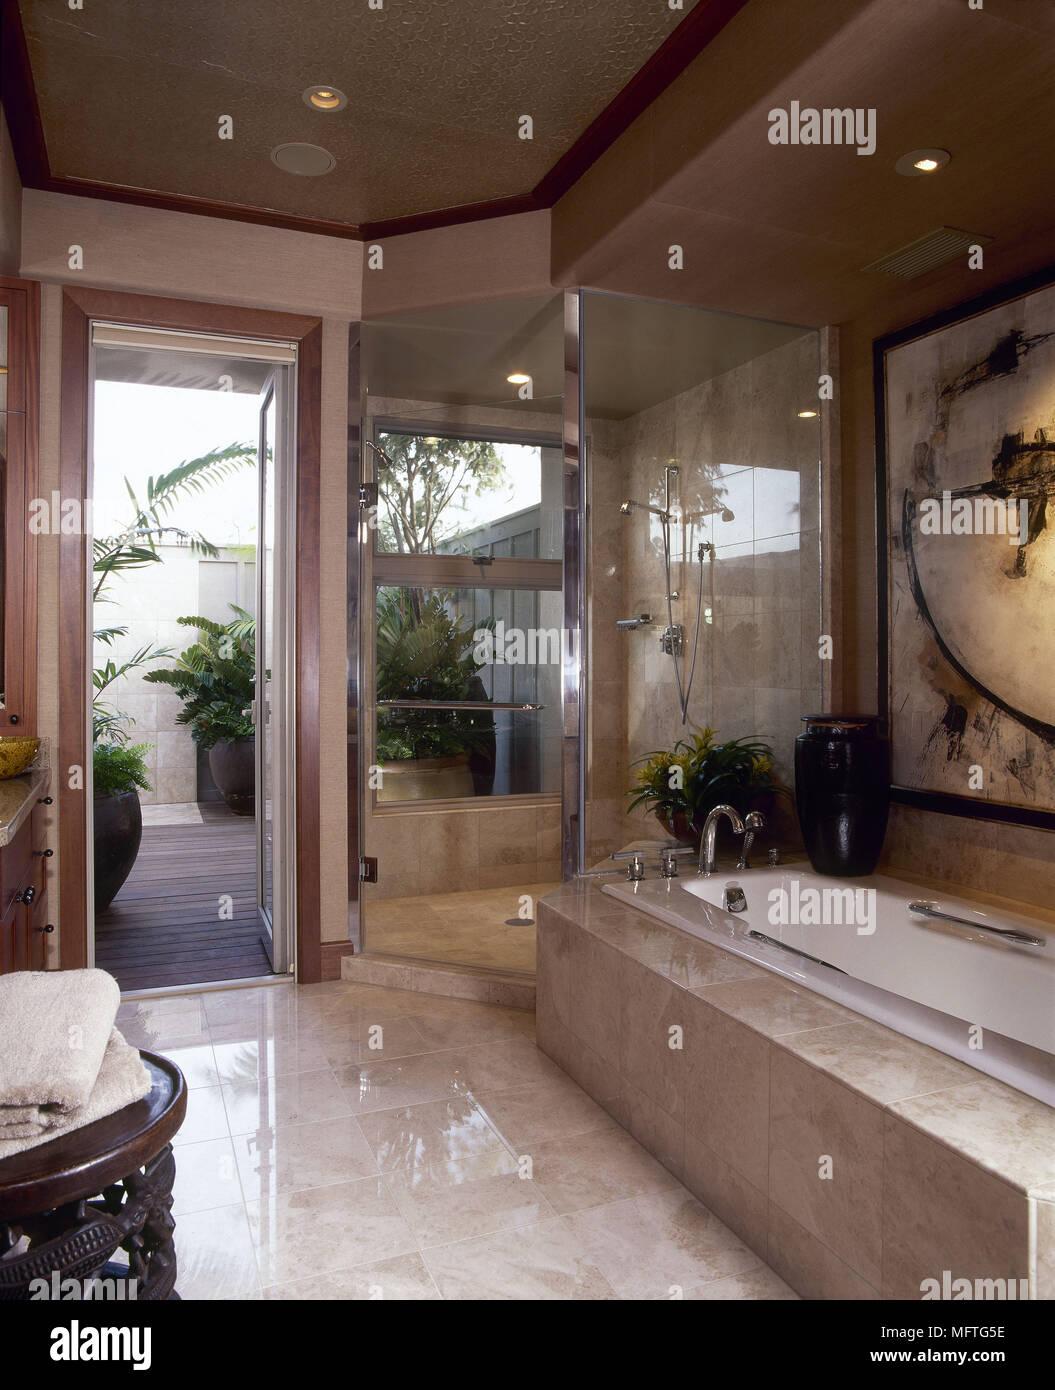 Bagni Moderni In Marmo.Bagno Moderno Bagno Piastrellato In Marmo Box Doccia Interni Bagni